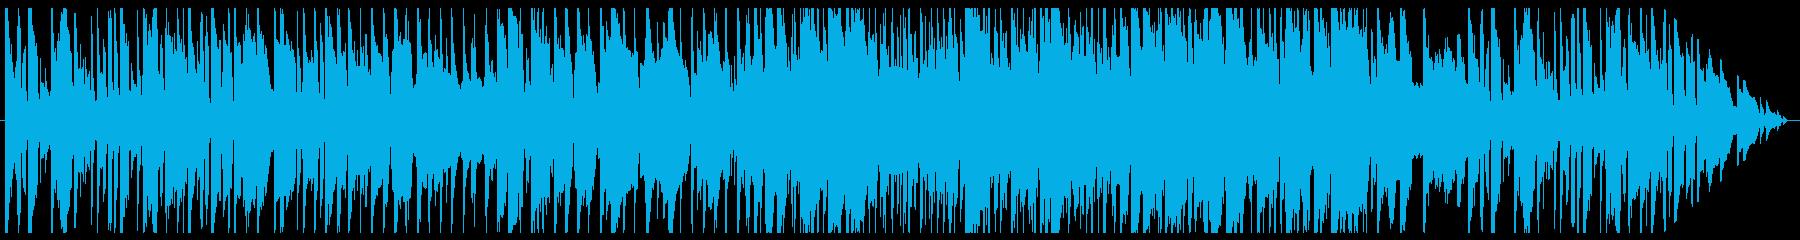 民族調のフィールド曲その3の再生済みの波形